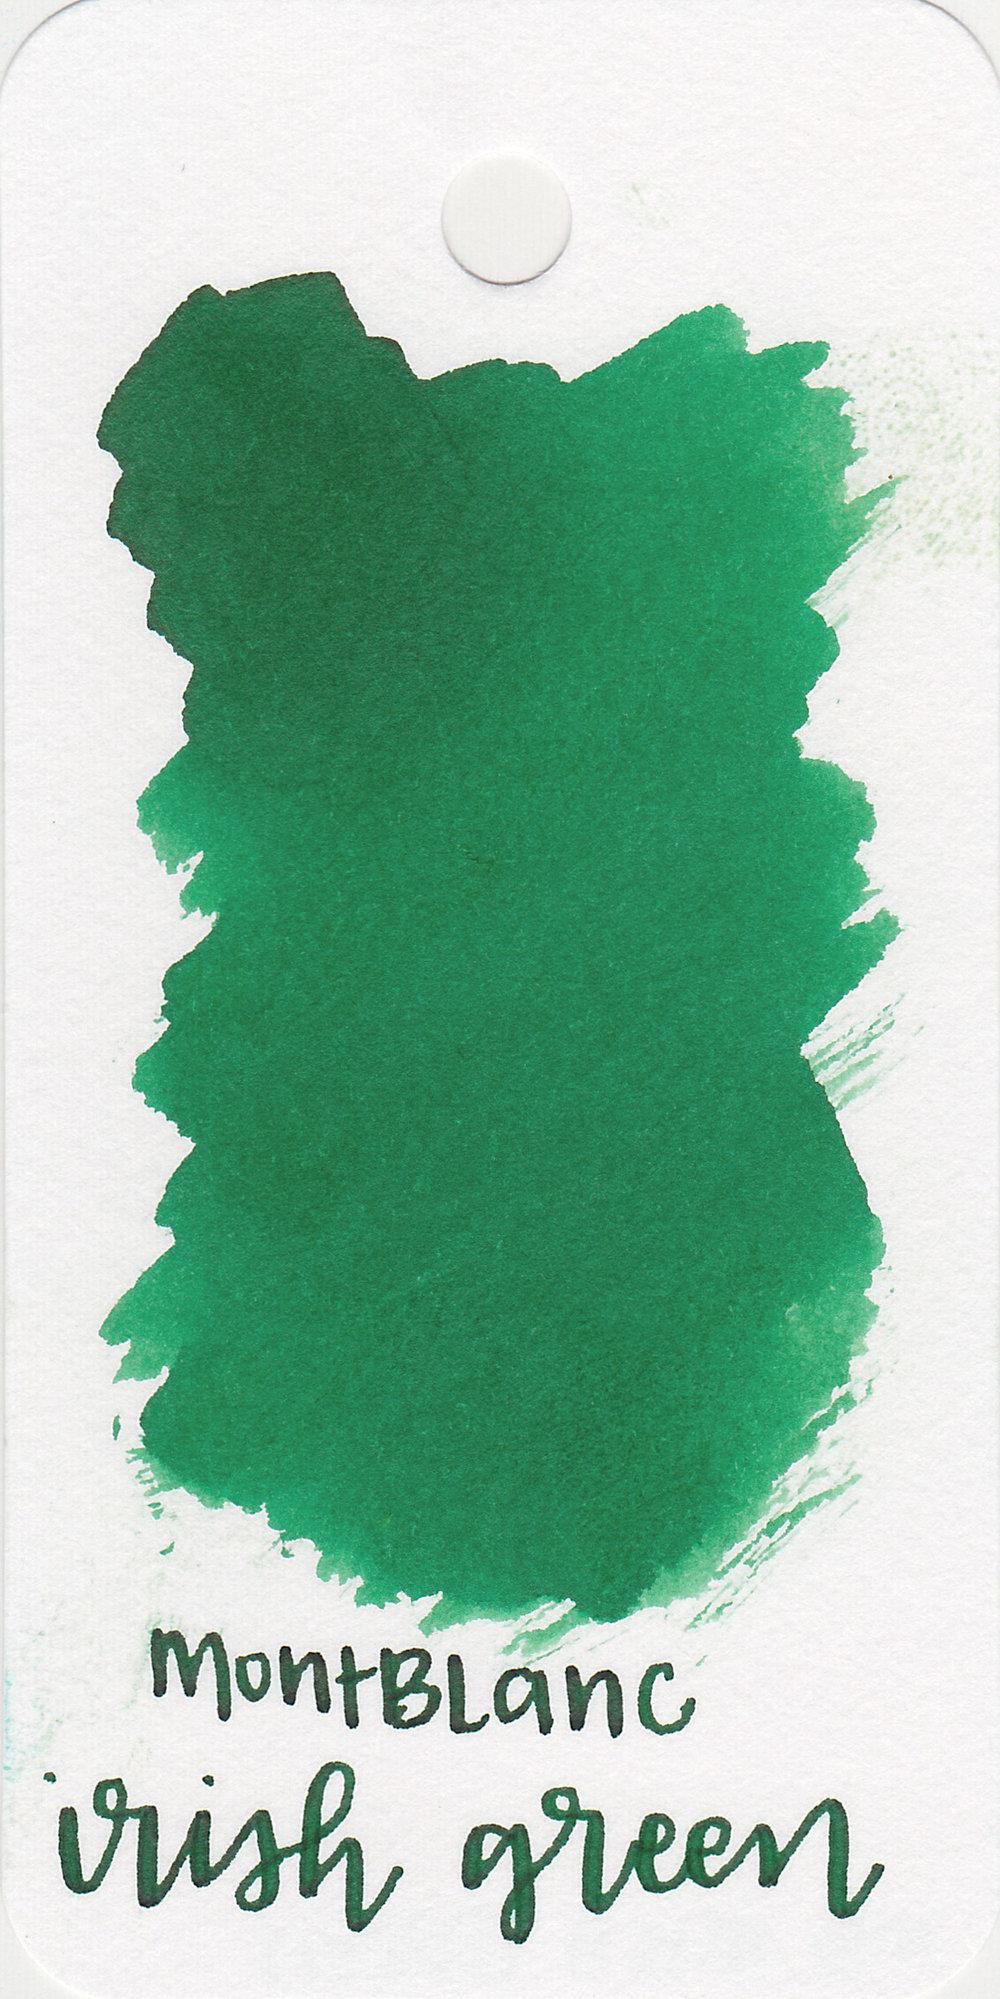 mb-irish-green-1.jpg